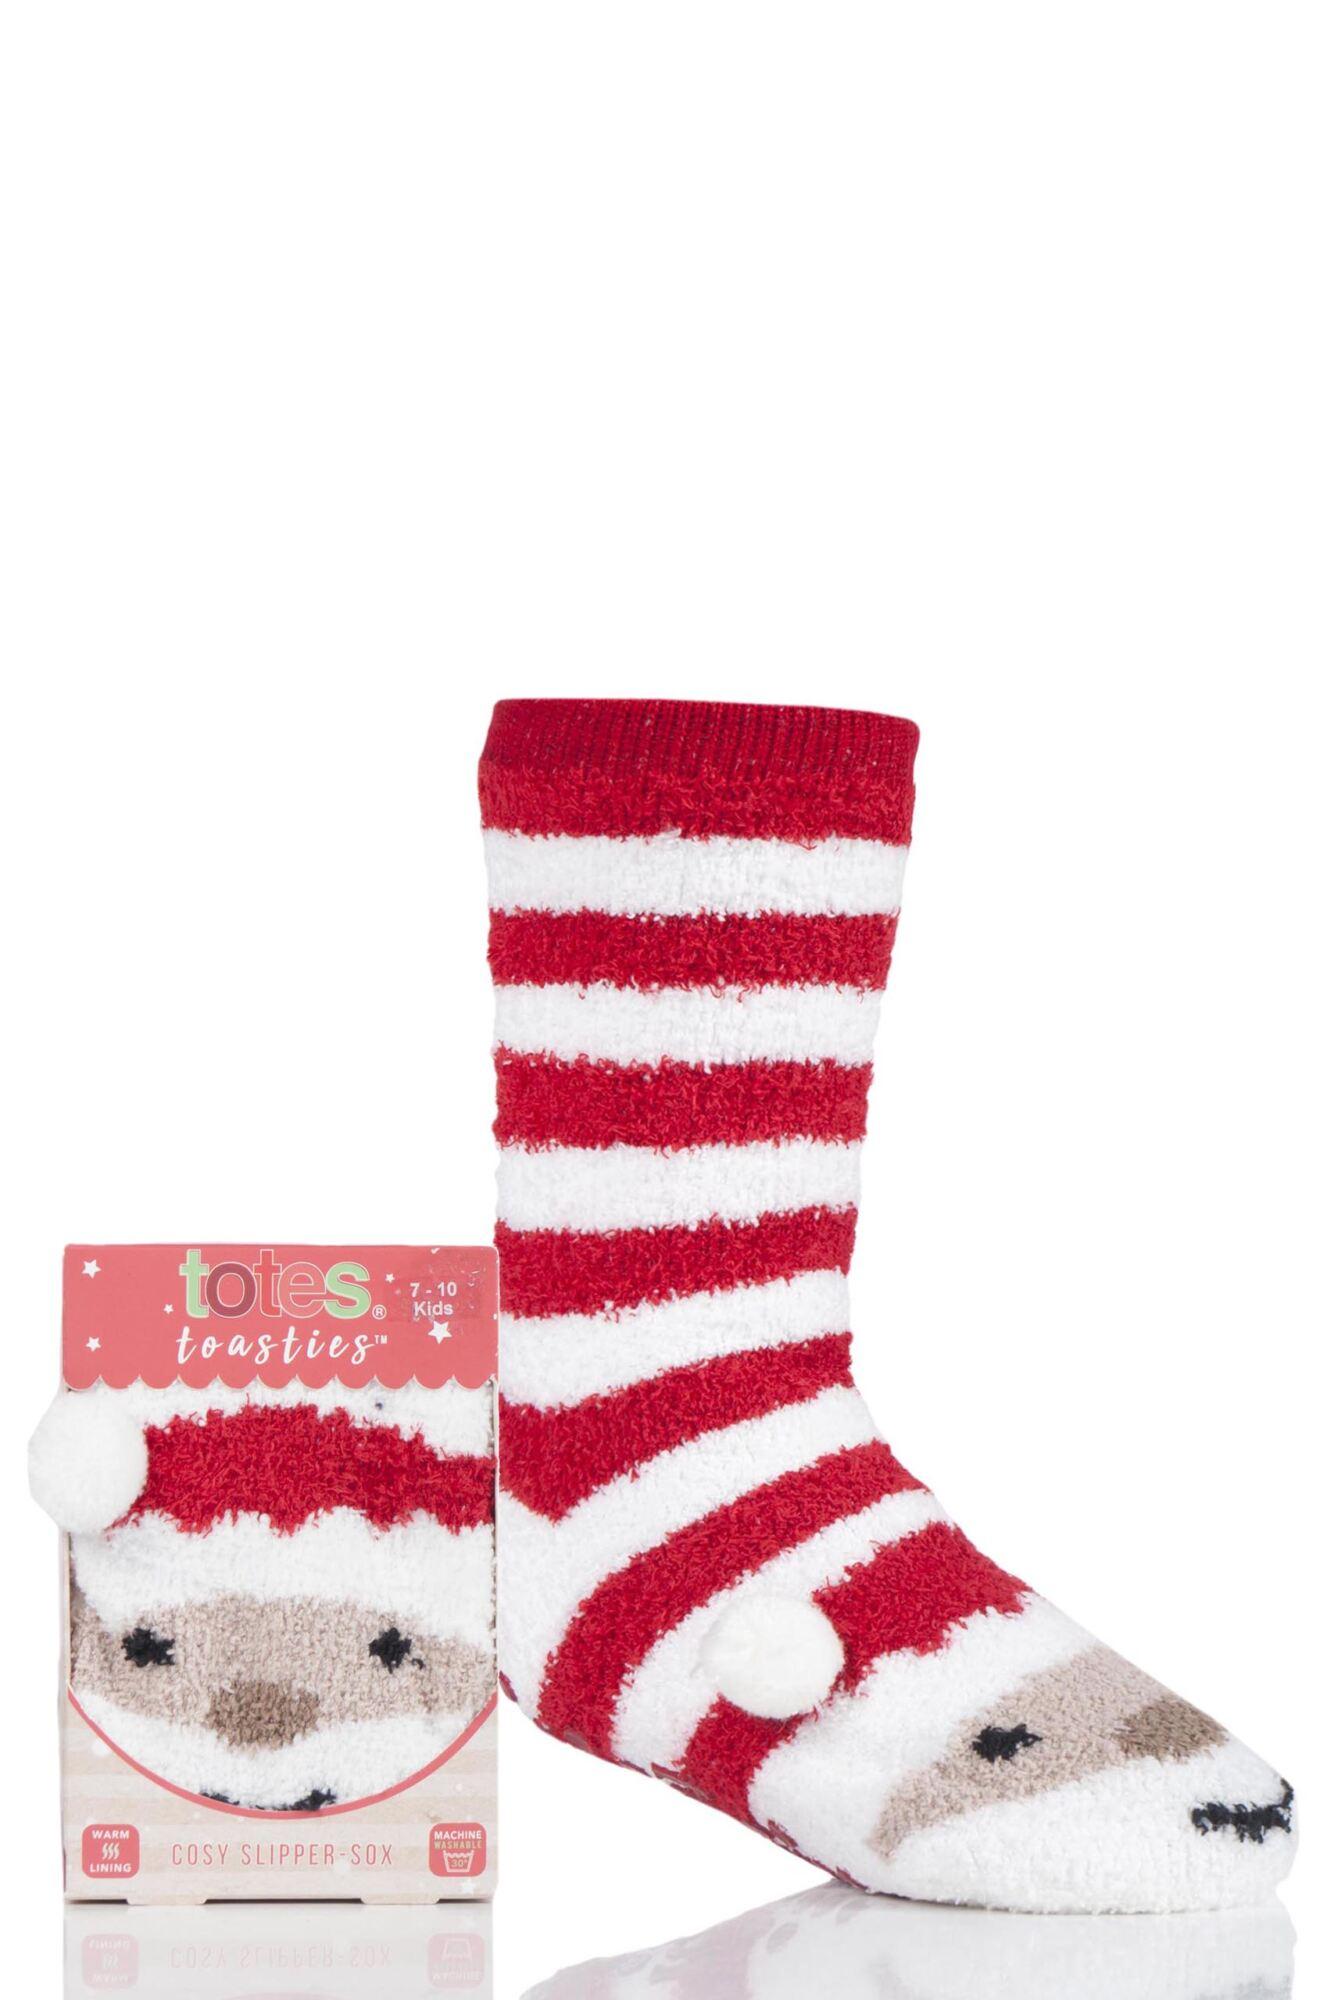 1 Pair Chunky Christmas Novelty Slipper Socks Kids Unisex - Totes